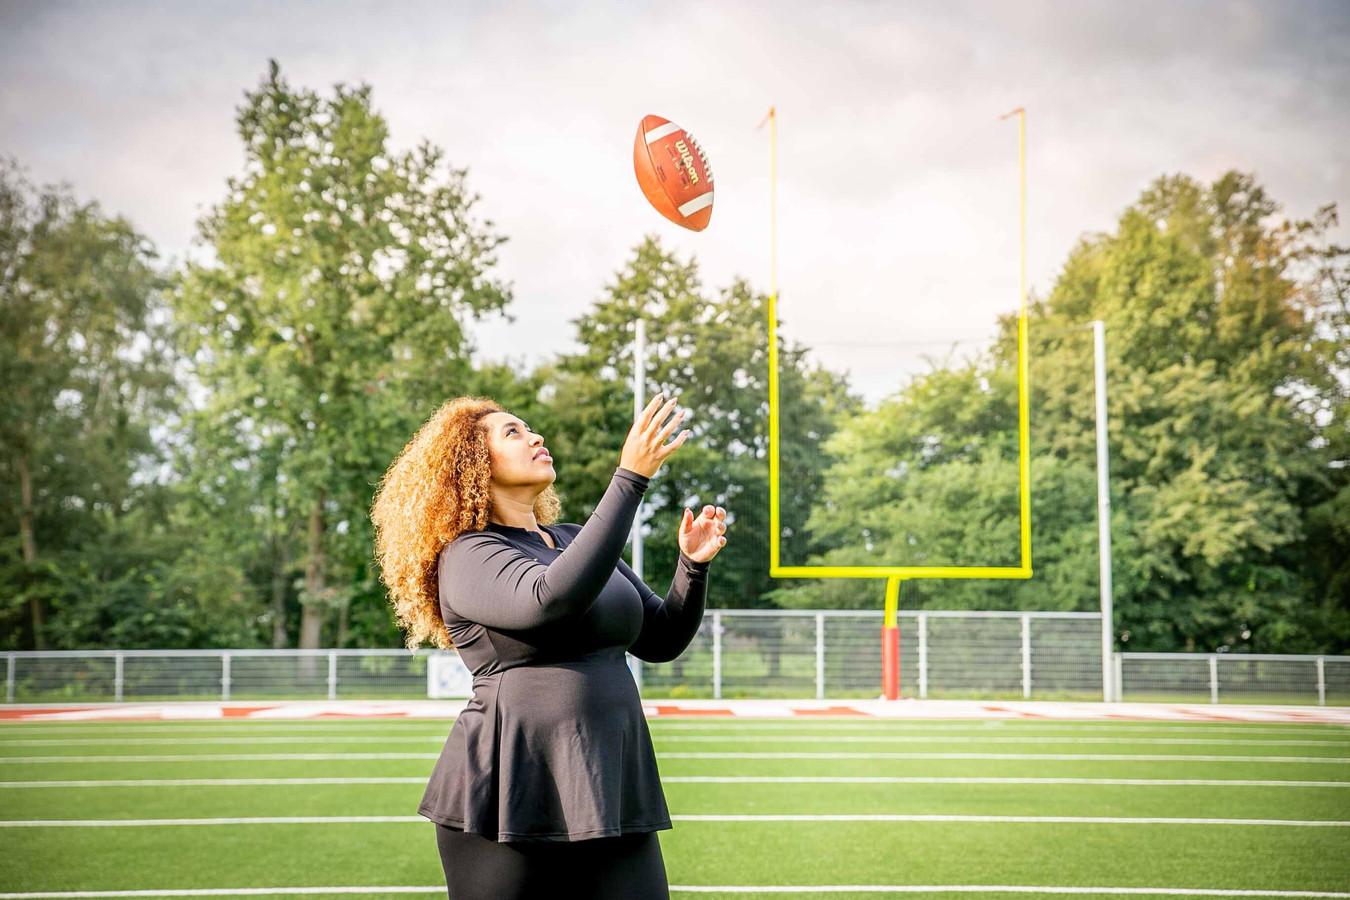 Kanessa Muluneh, oprichter van de Queens Football League, hoopt zo snel mogelijk een team op te zetten in Zwolle. In navolging van Amsterdam, Rotterdam, Almere, Leiden en Utrecht moet Zwolle de zesde stad met een American Football damesteam worden.